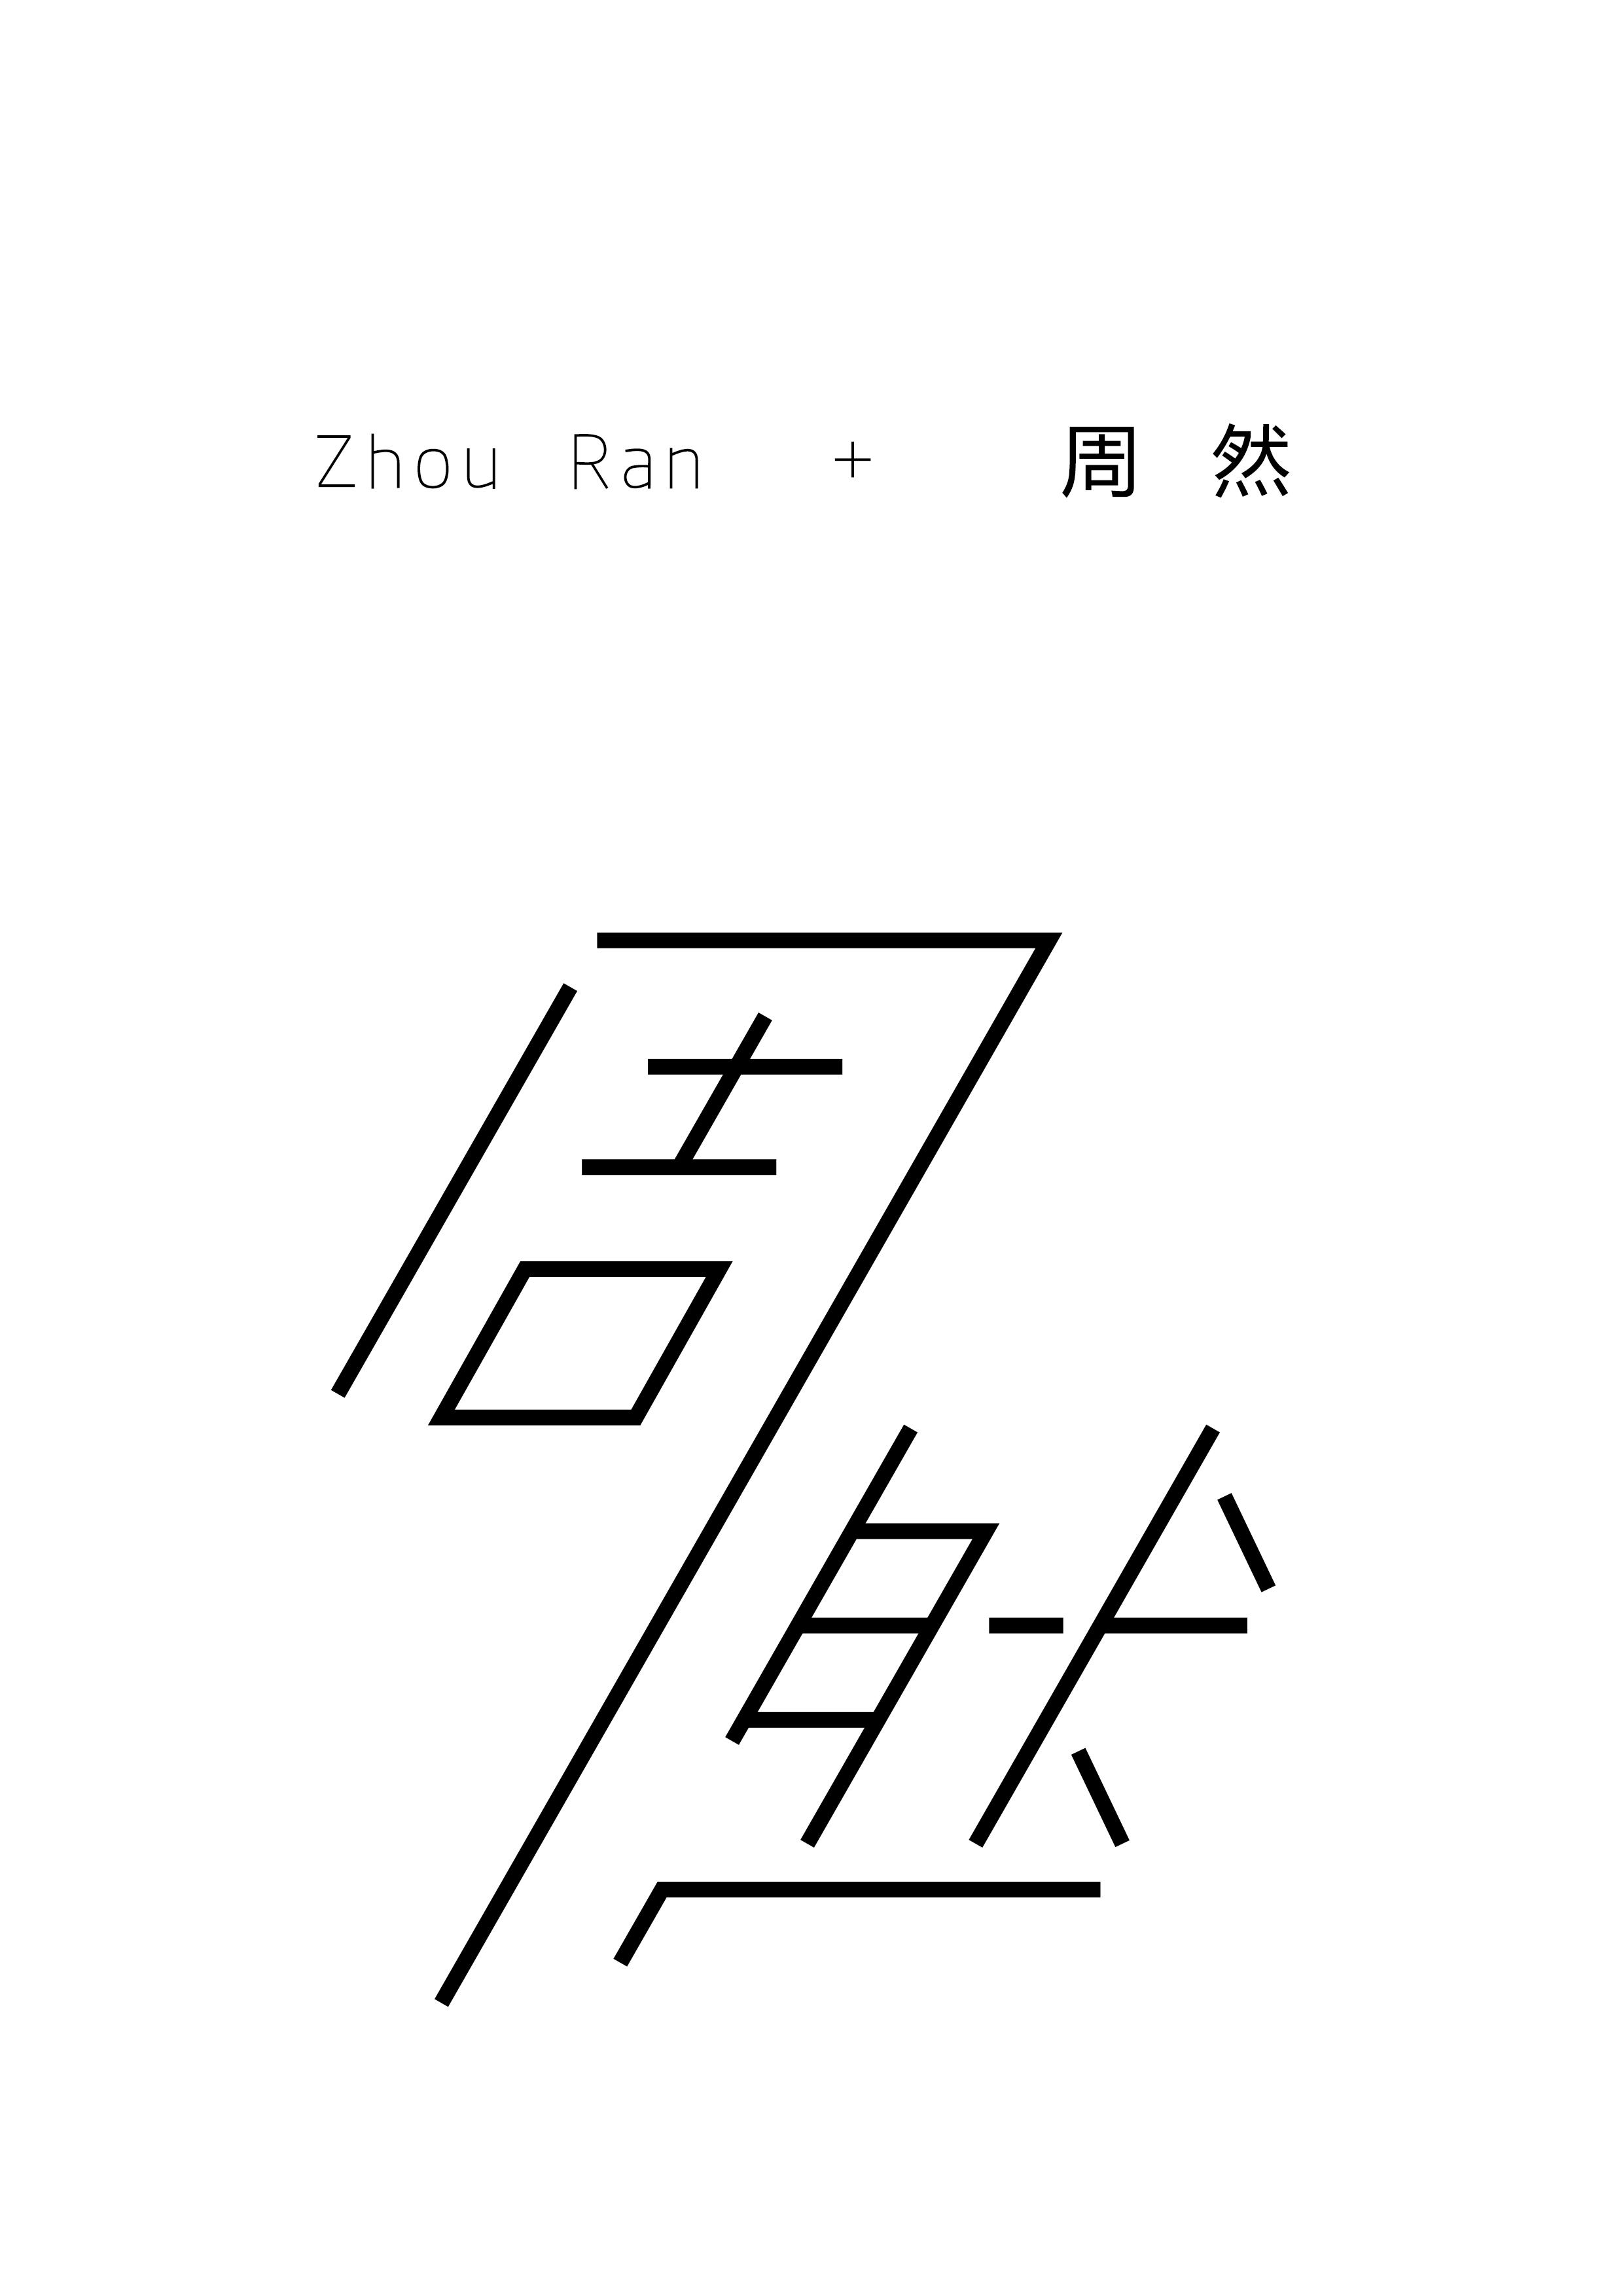 以友之名,朋友名字logo设计图片